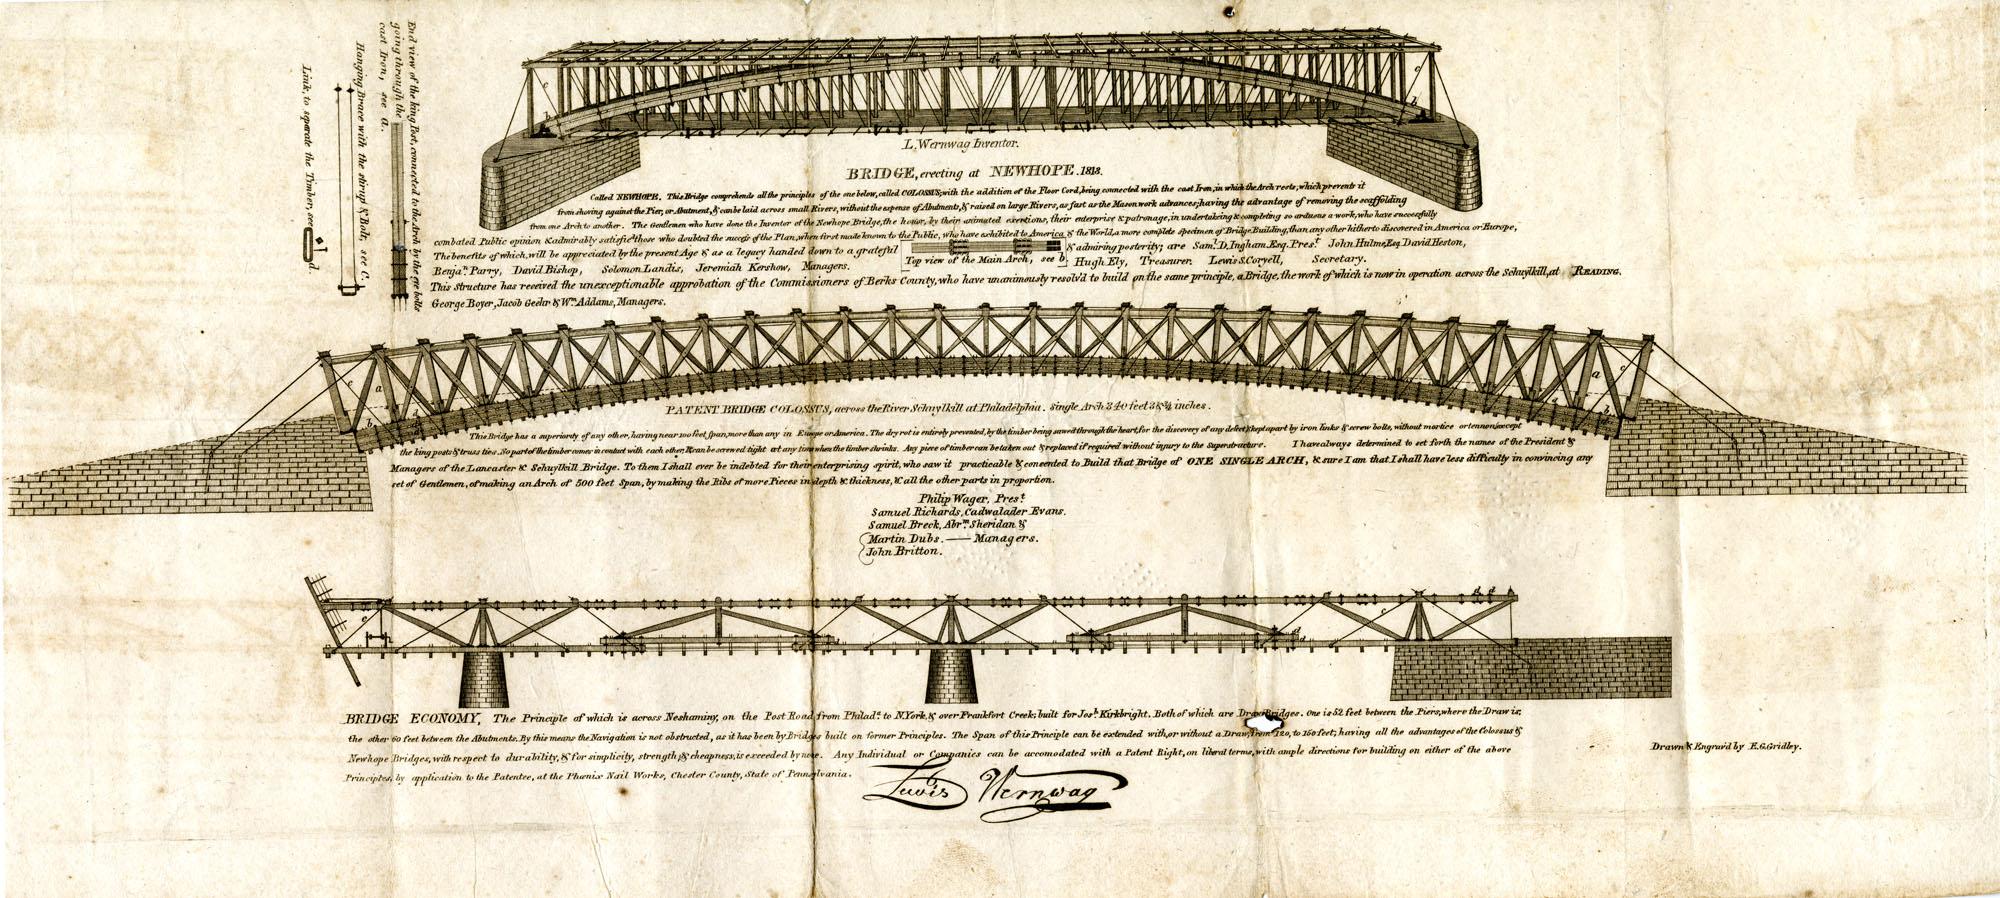 Illustrations of Lewis Werwag Bridges